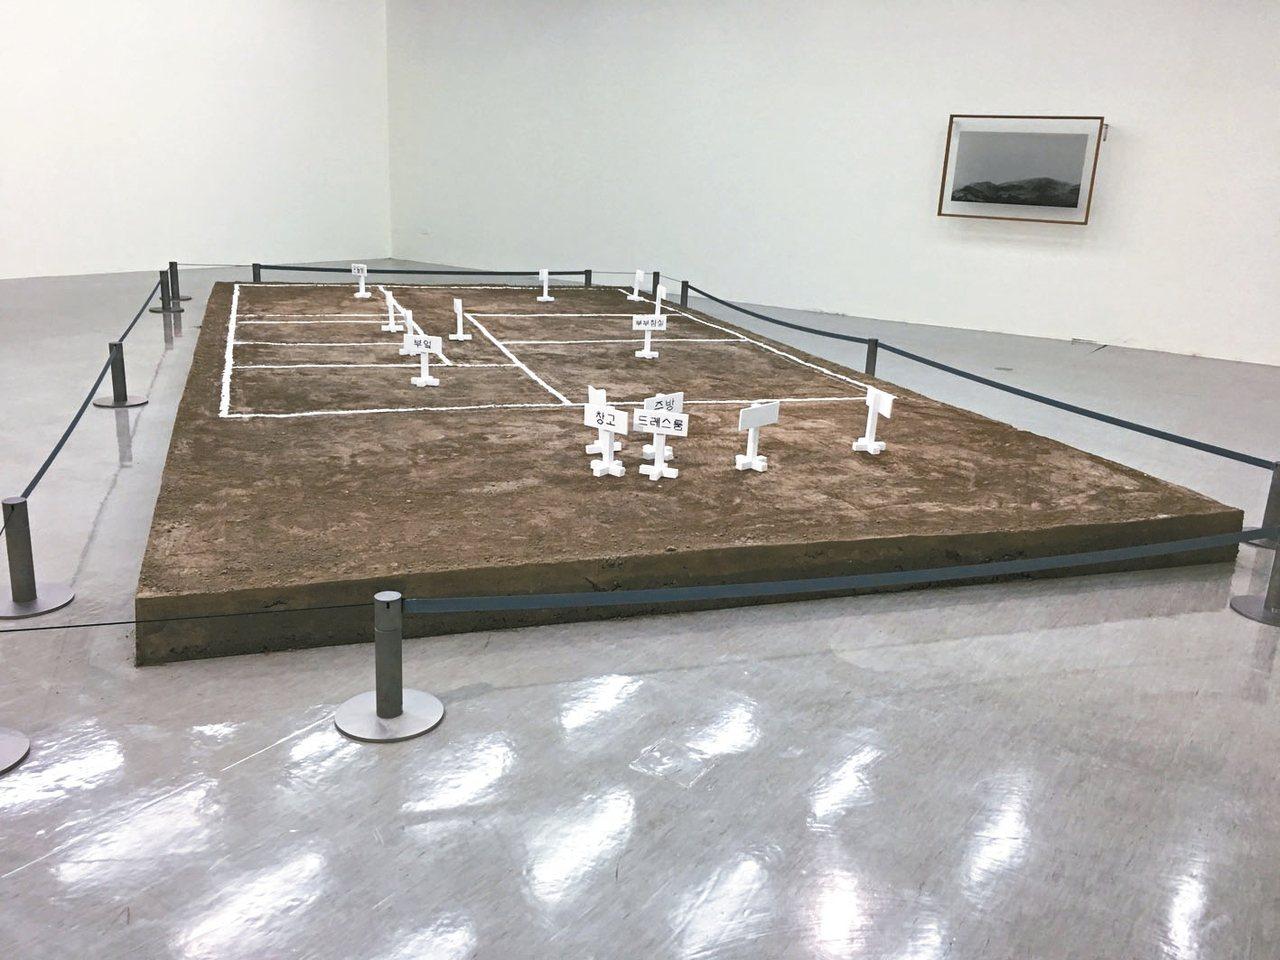 韓國藝術團體mixrice作品《嚴重被壓平的土地》。 記者何定照/攝影